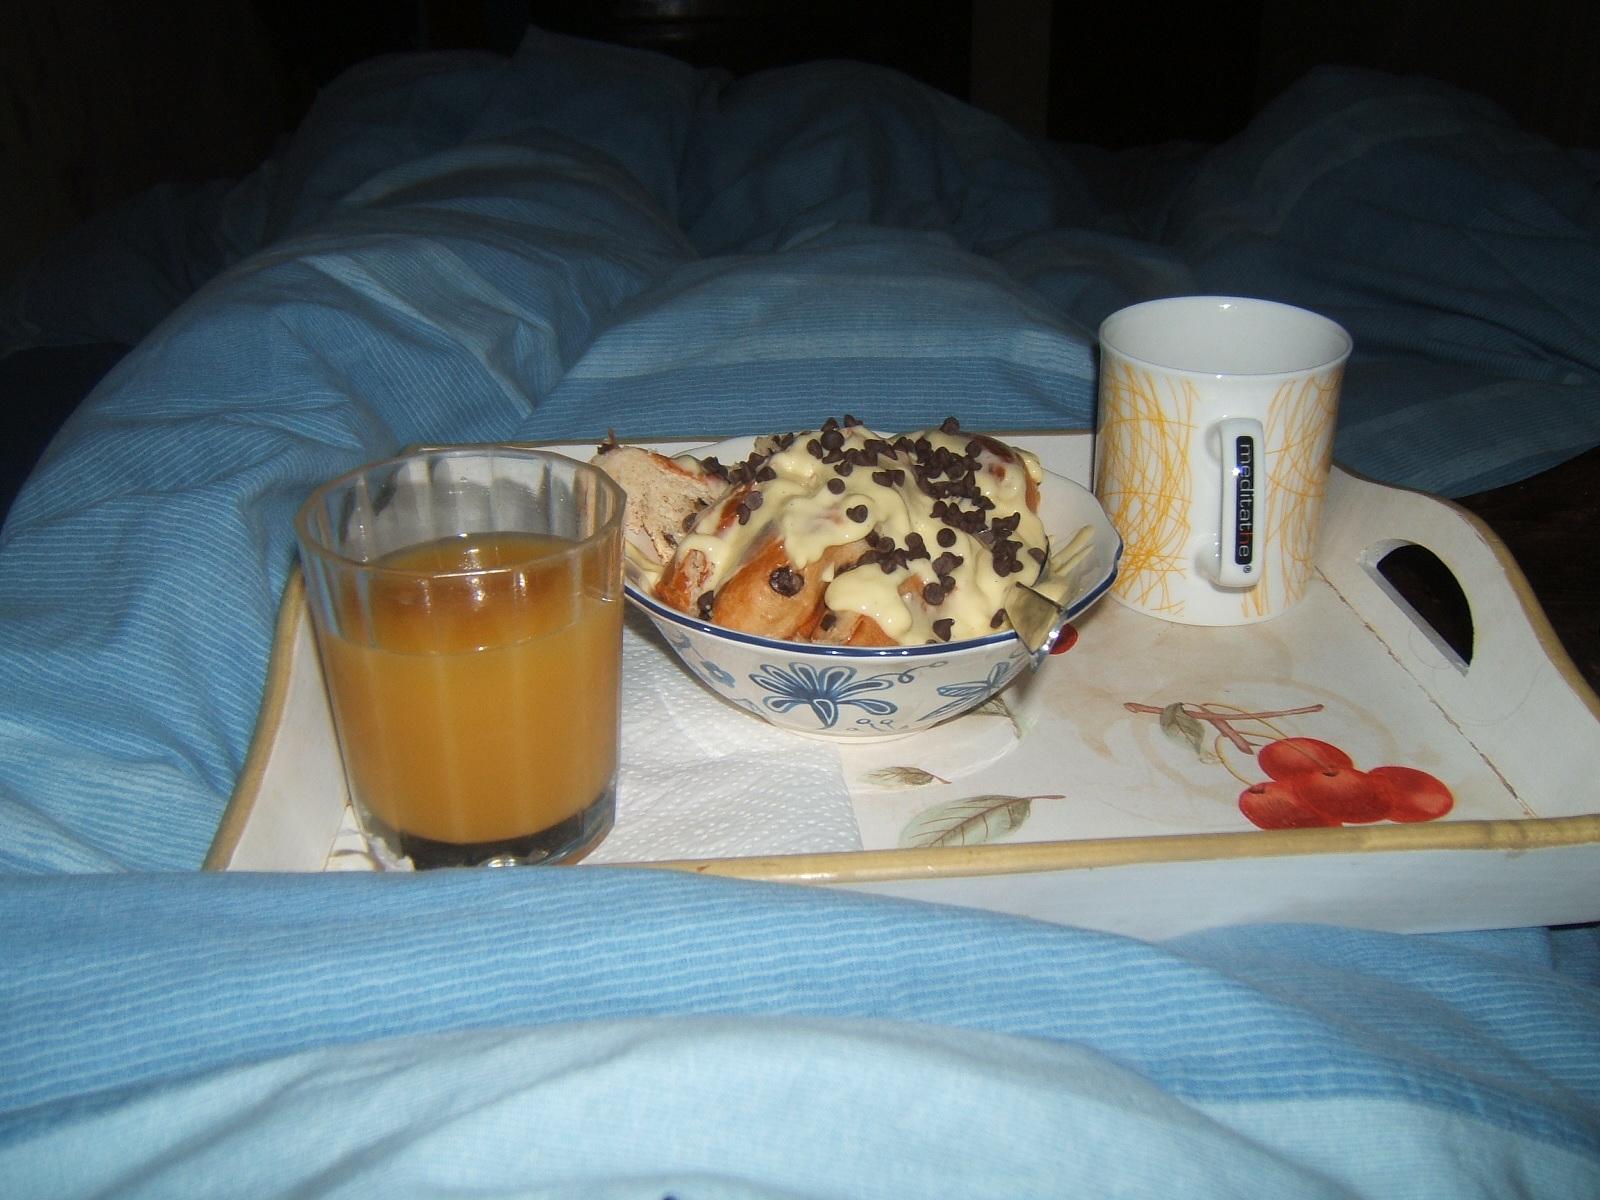 Uno storico in cucina colazione a letto della domenica 2 - Colazione al letto ...